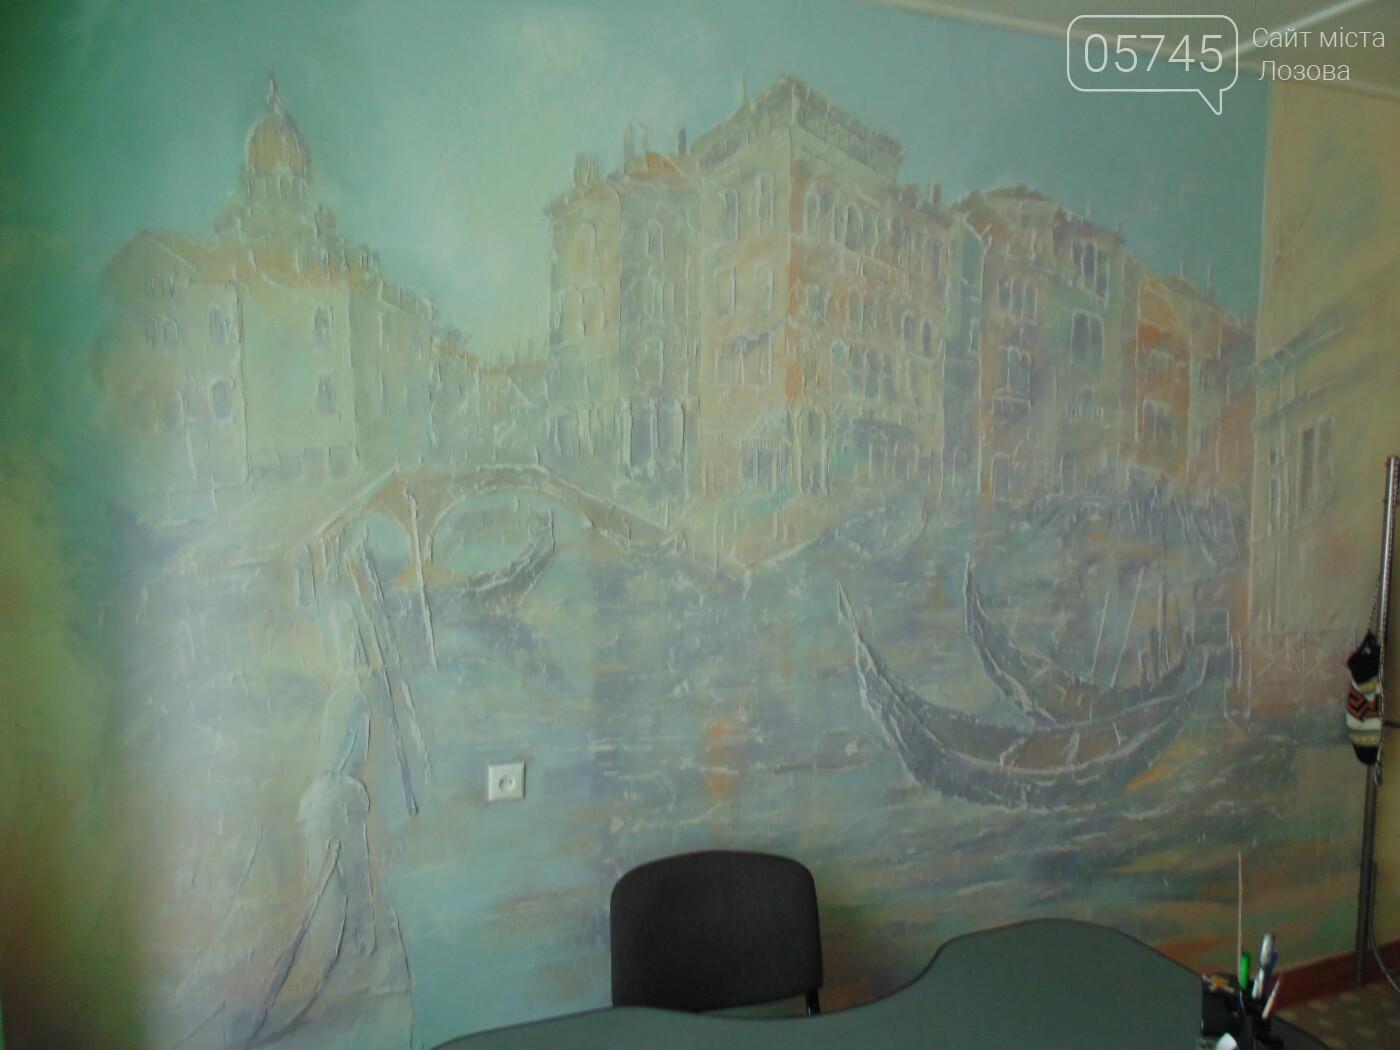 Раскраска в 2 метра и Венеция в кабинете: диковинки Лозовского дома творчества (ФОТО), фото-5